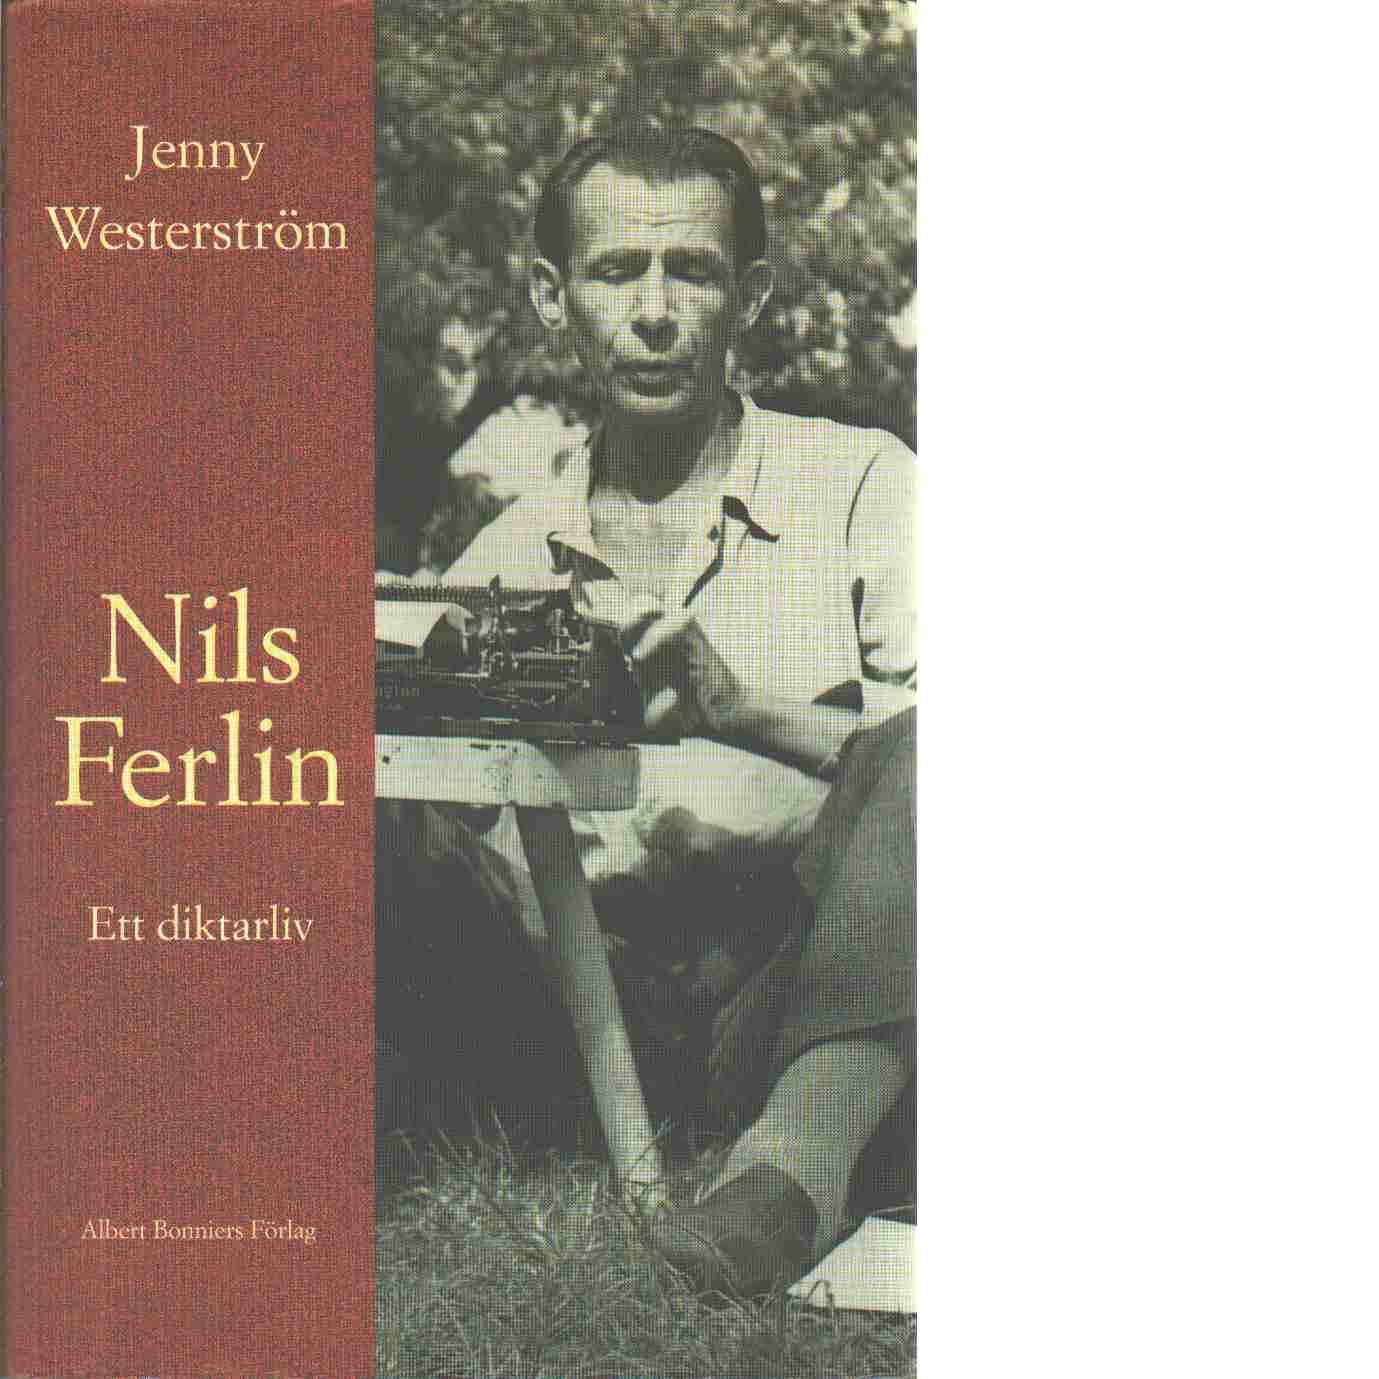 Nils Ferlin : ett diktarliv - Westerström, Jenny